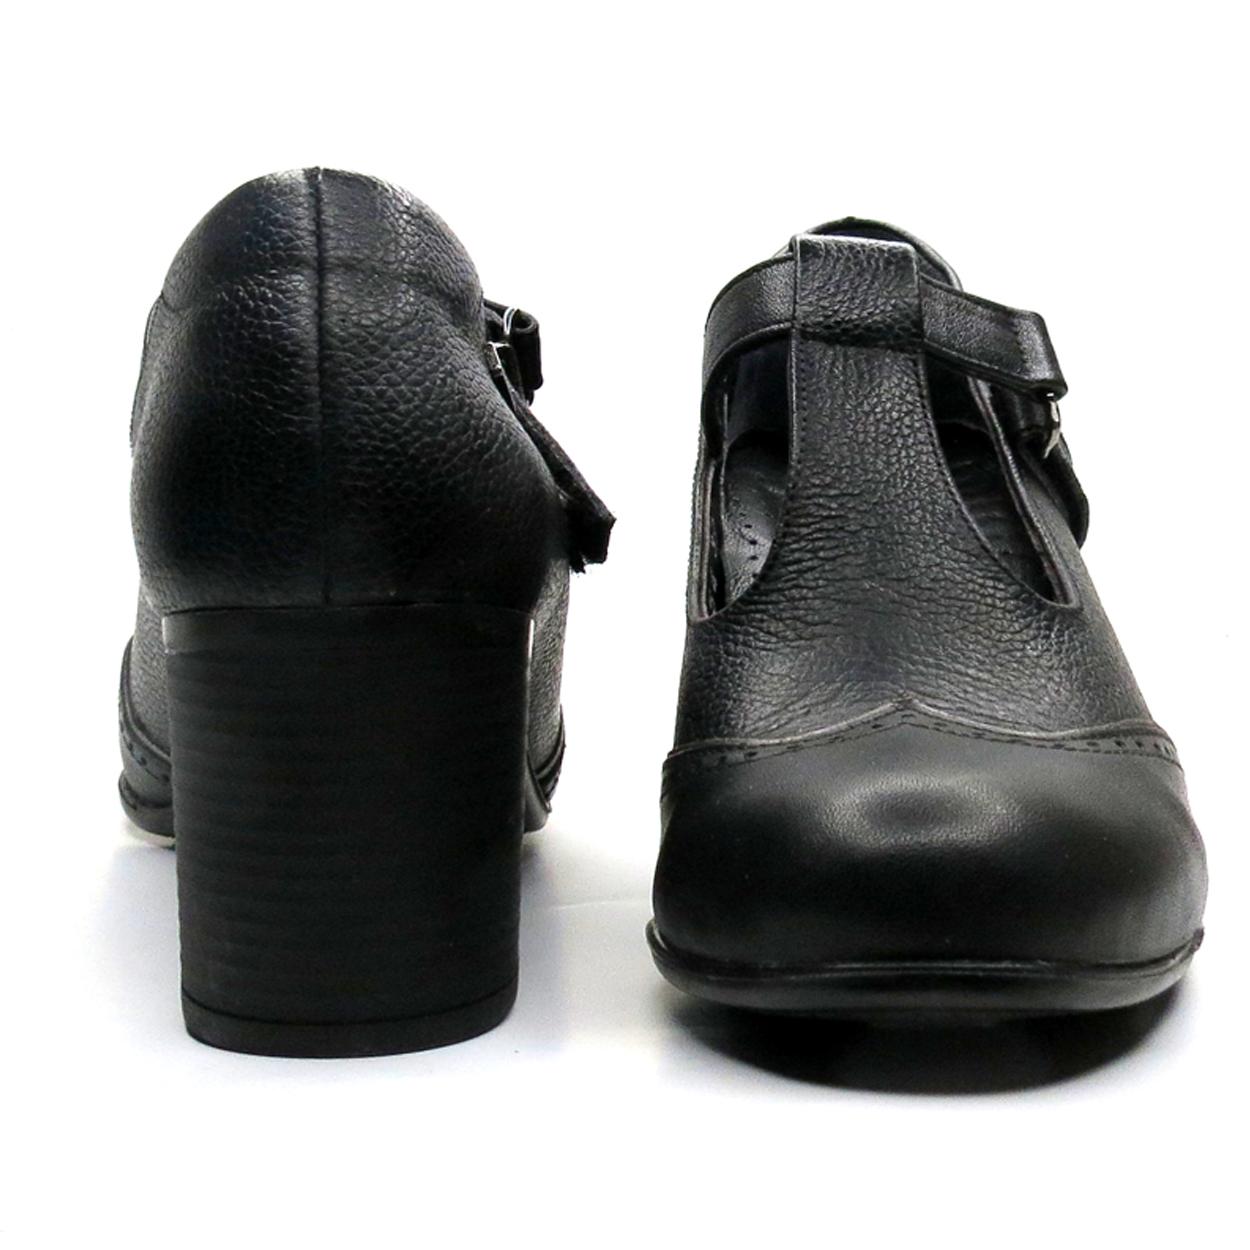 کفش زنانه آر اند دبلیو مدل 454 رنگ مشکی -  - 5